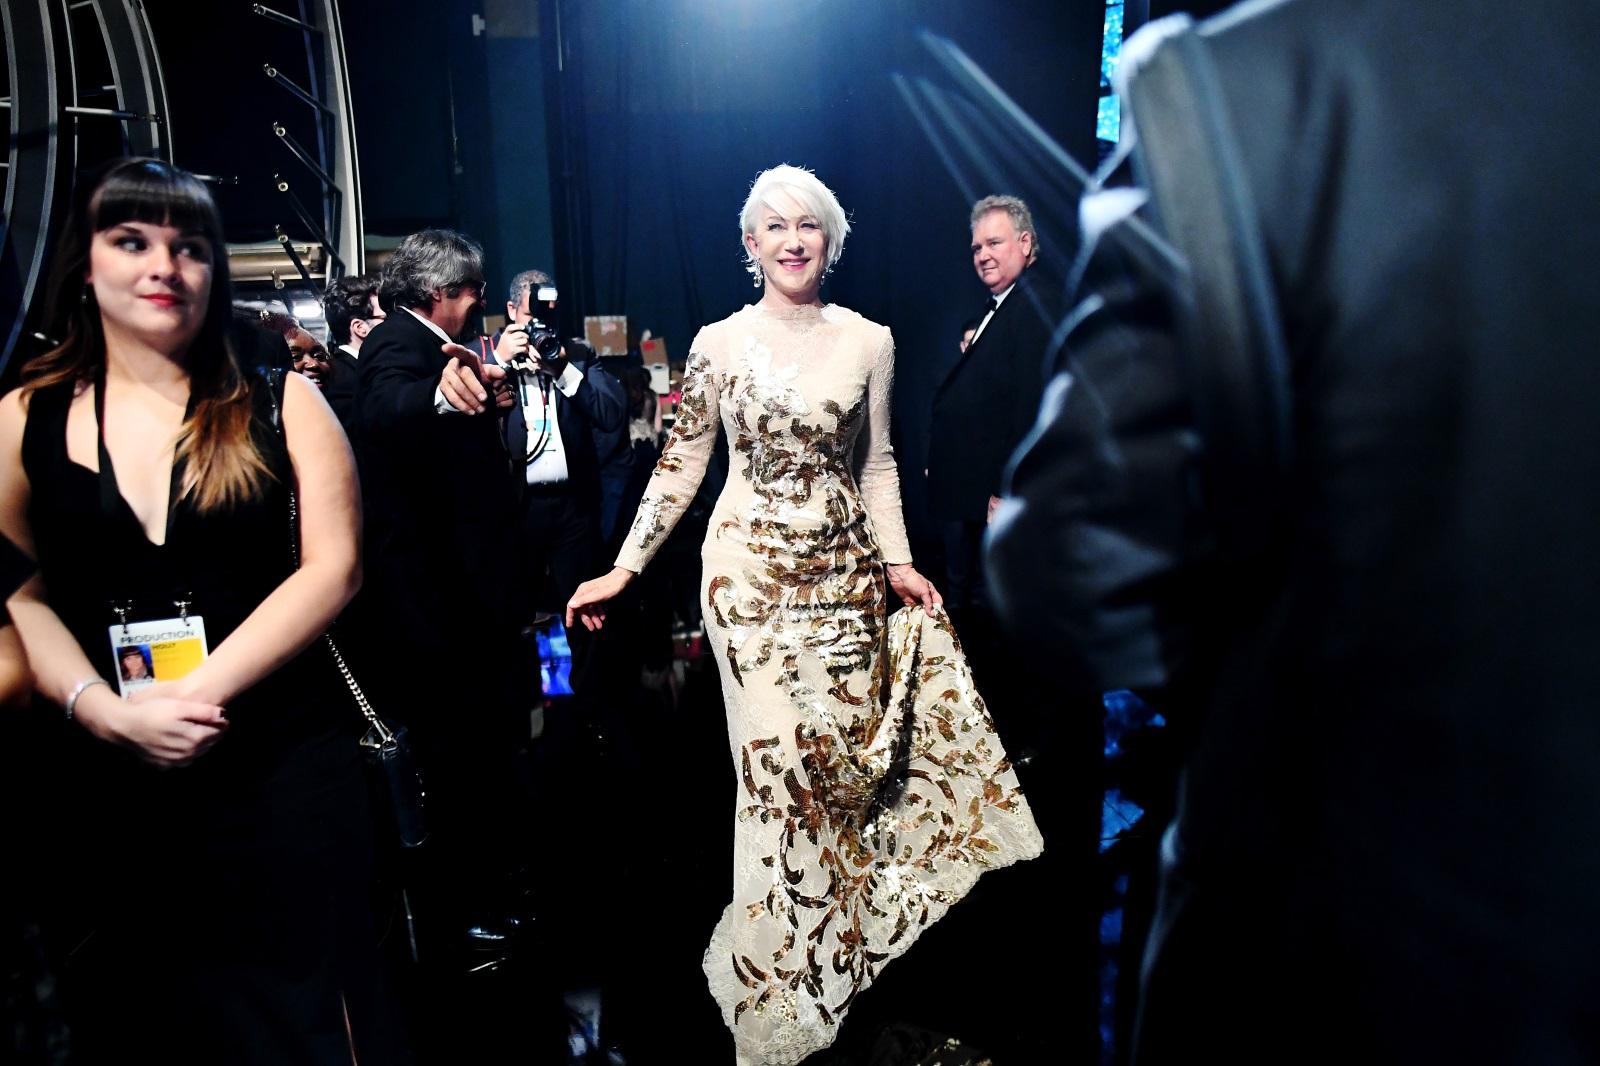 <p>&quot;Сексапилът ще ме преследва до гроба&quot;, казва актрисата Хелън Мирън, която е смятана за една от най-красивите и горещи жени в Холивуд. В интервю тя споделя, че когато си на 70 се чувстваш точно на толкова, но просто приемаш по различен начин нещата. И има защо - вижте каква класа излъчва тя в нашата галерия.</p>